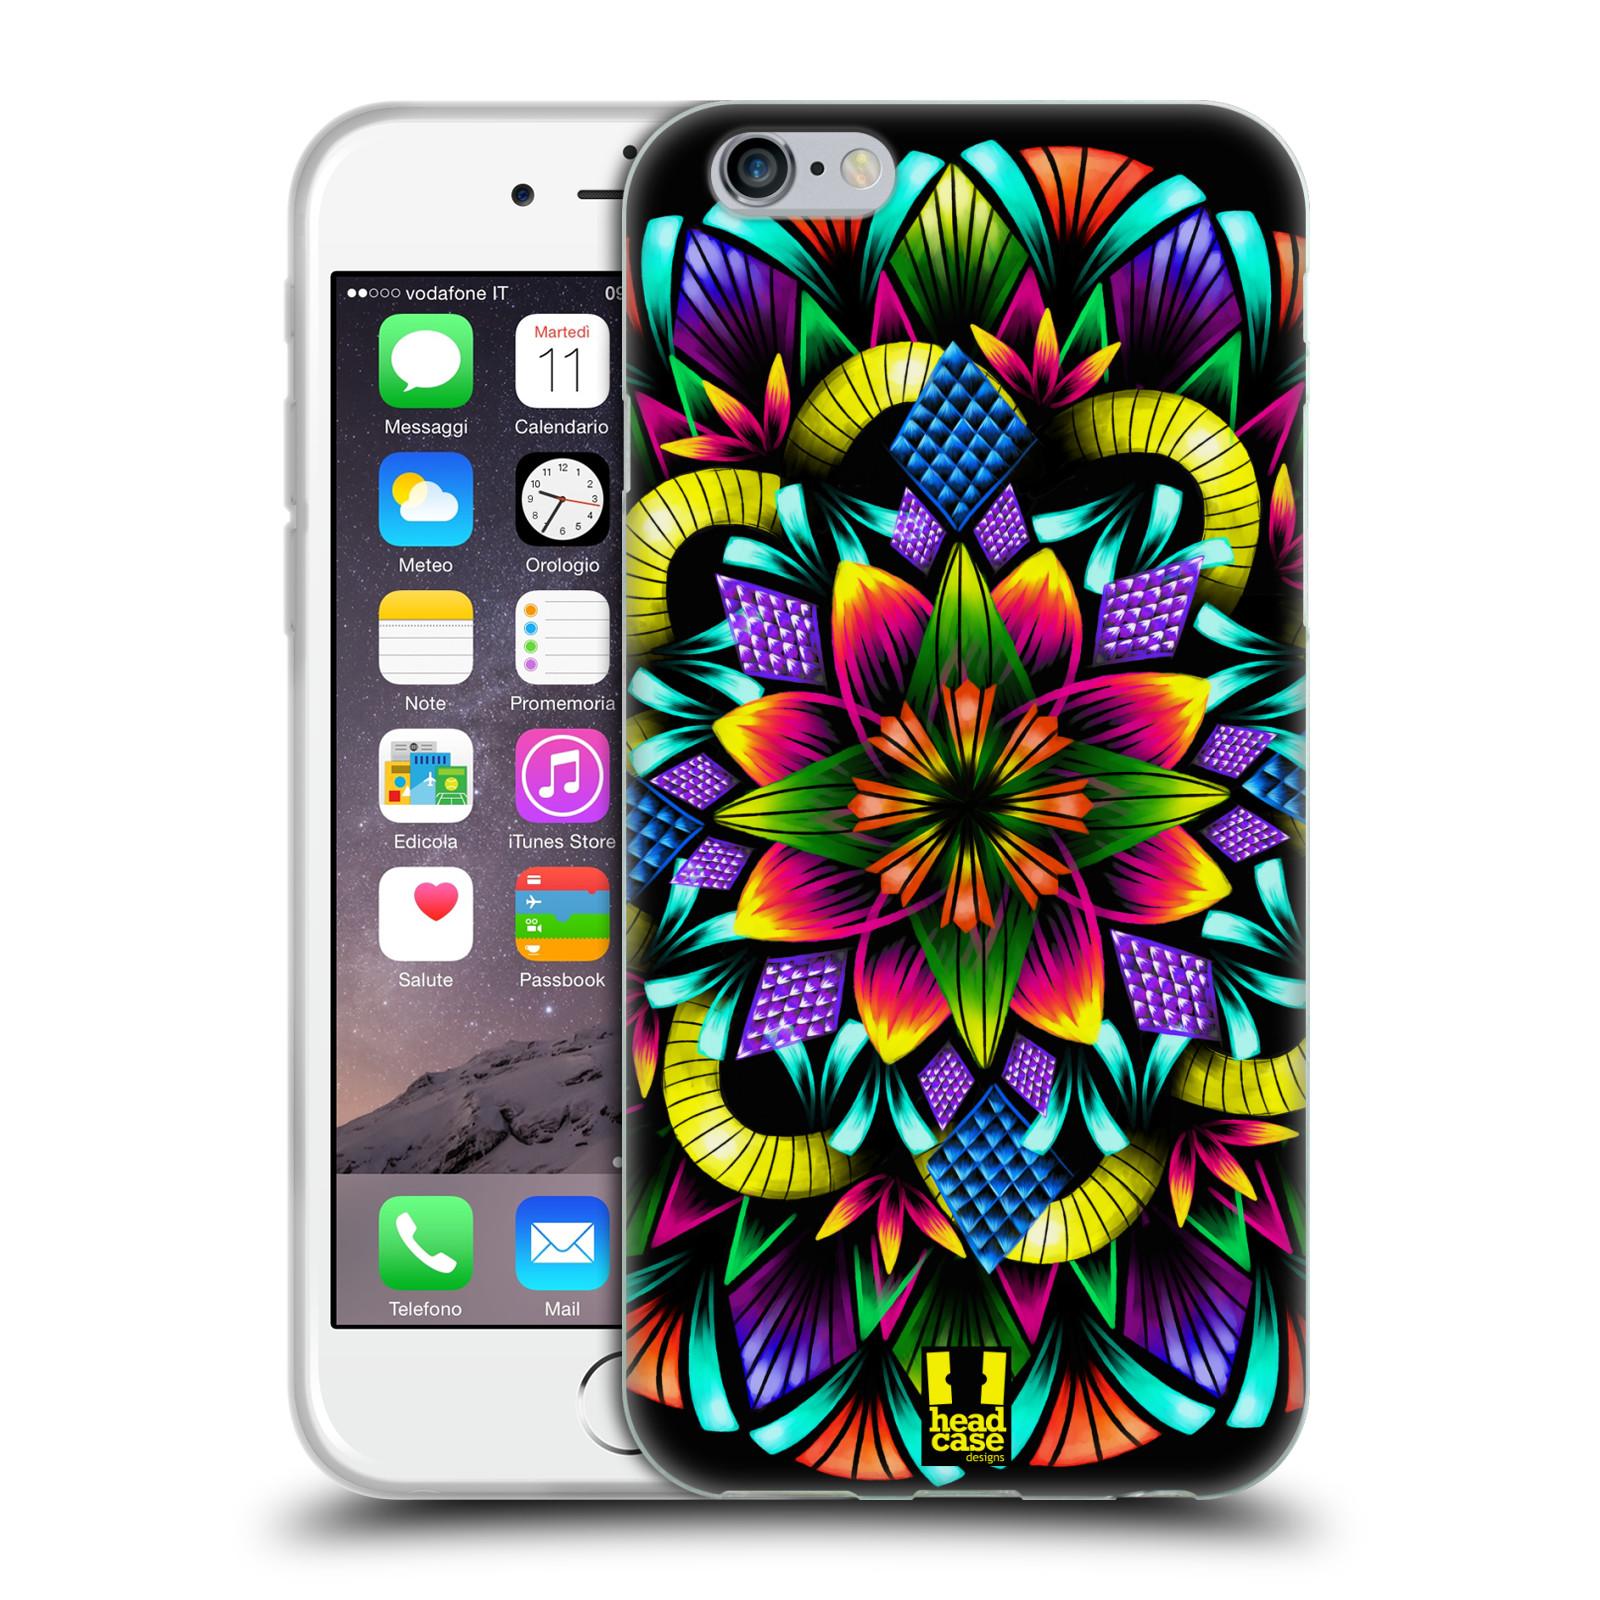 HEAD CASE silikonový obal na mobil Apple Iphone 6/6S vzor Indie Mandala kaleidoskop barevný vzor KVĚTINA